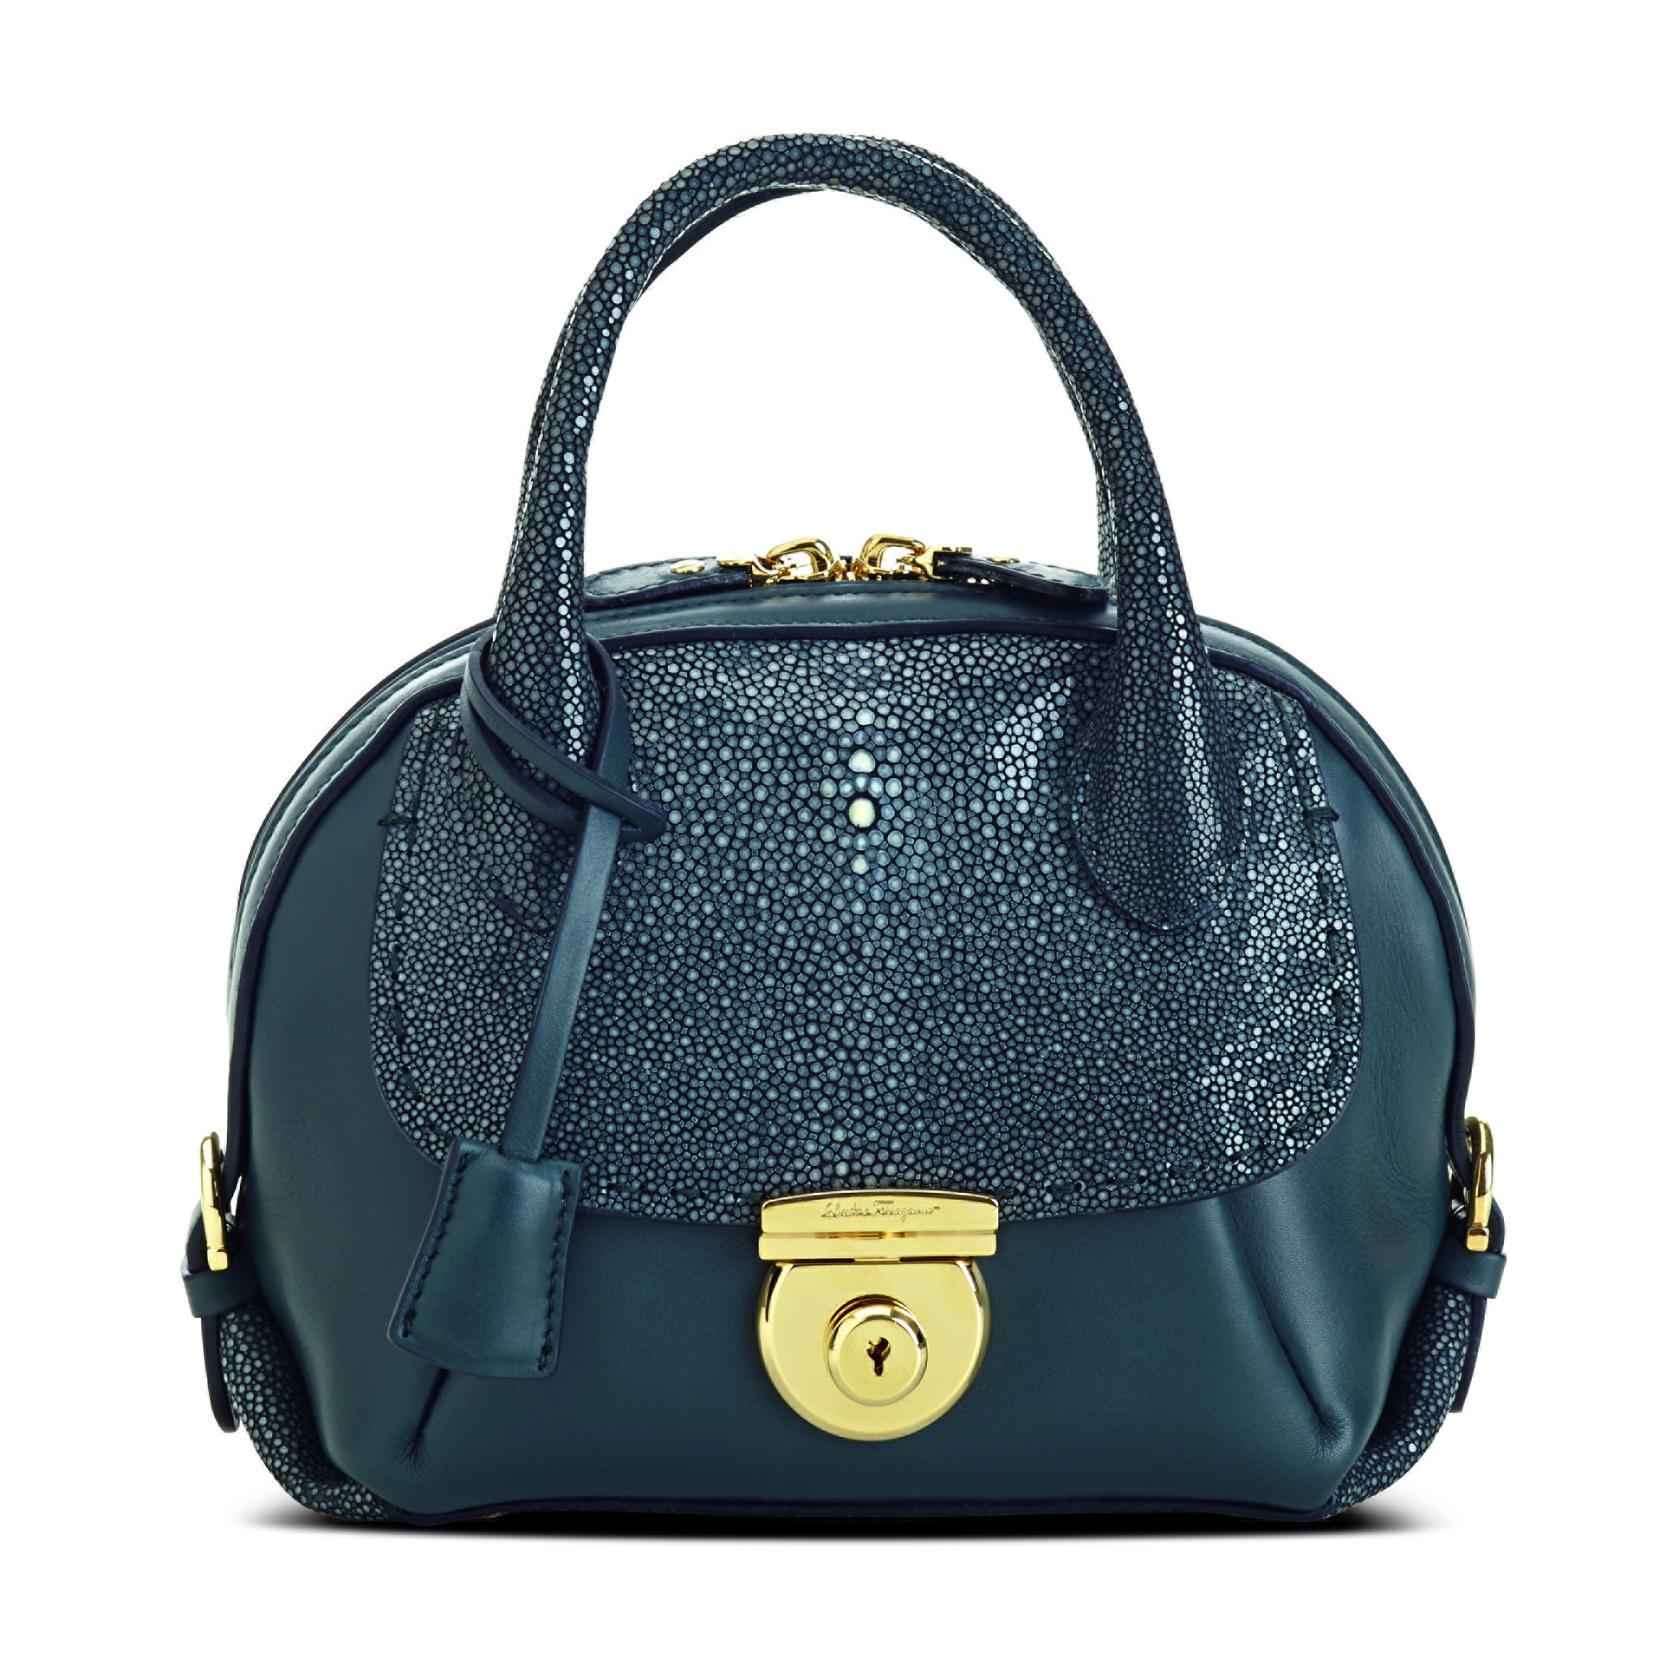 Ferragamo FIAMMA迷你风格系列黑色珍珠鱼皮拼接小牛皮手袋